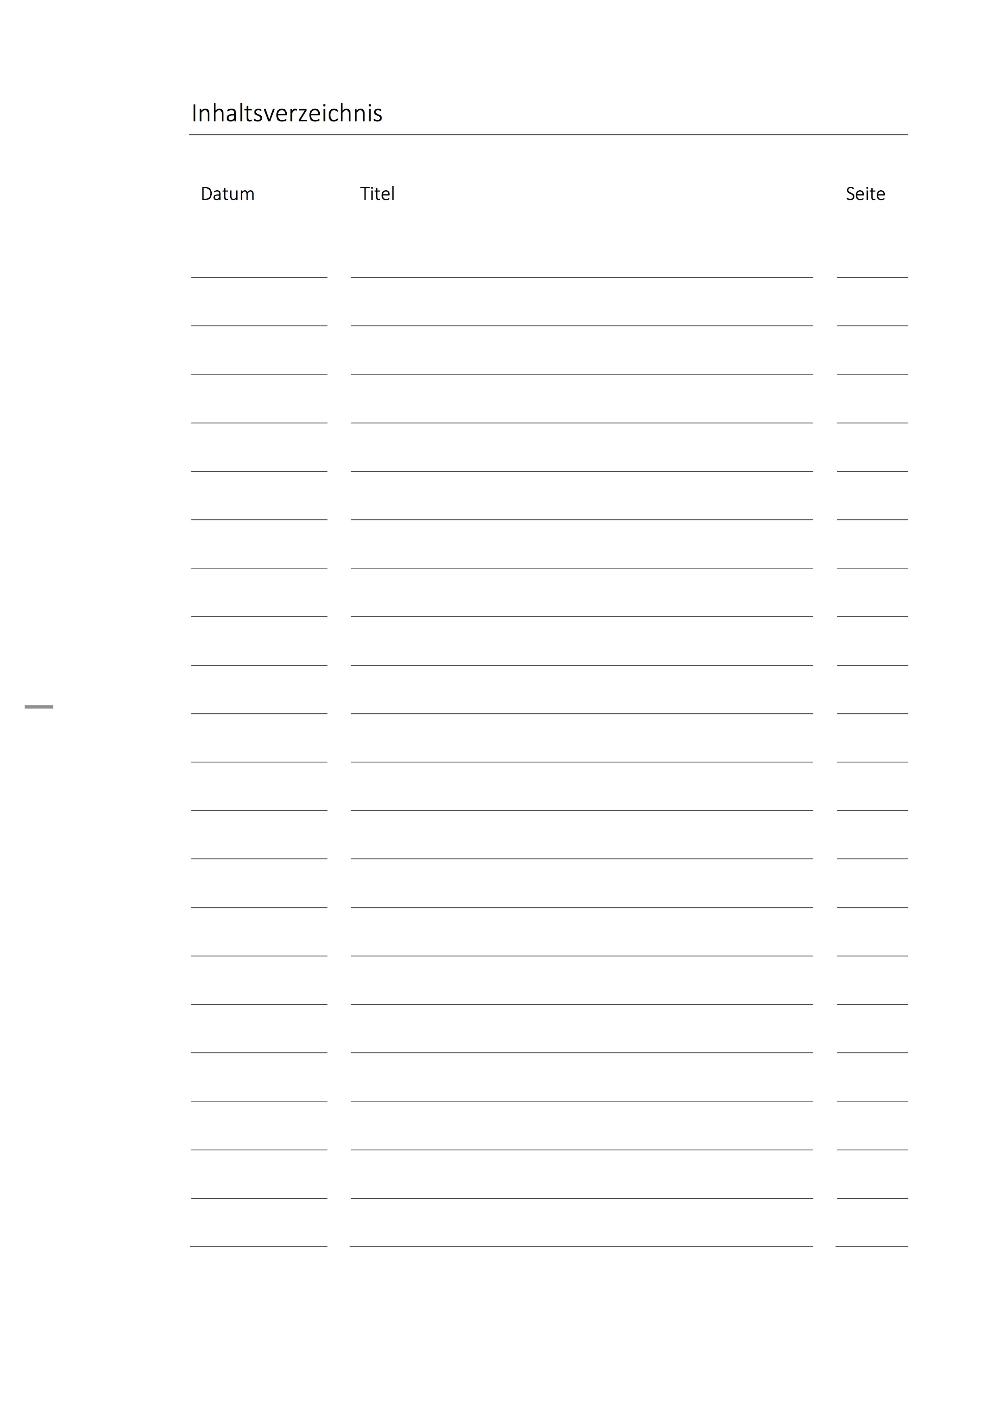 Inhaltsverzeichnis Vorlage Zum Ausdrucken Fur Die Schule Vt26 Verwandt Mit Inh Inhaltsverzeichnis Zum Ausdrucken Inhaltsverzeichnis Vorlage Inhaltsverzeichnis